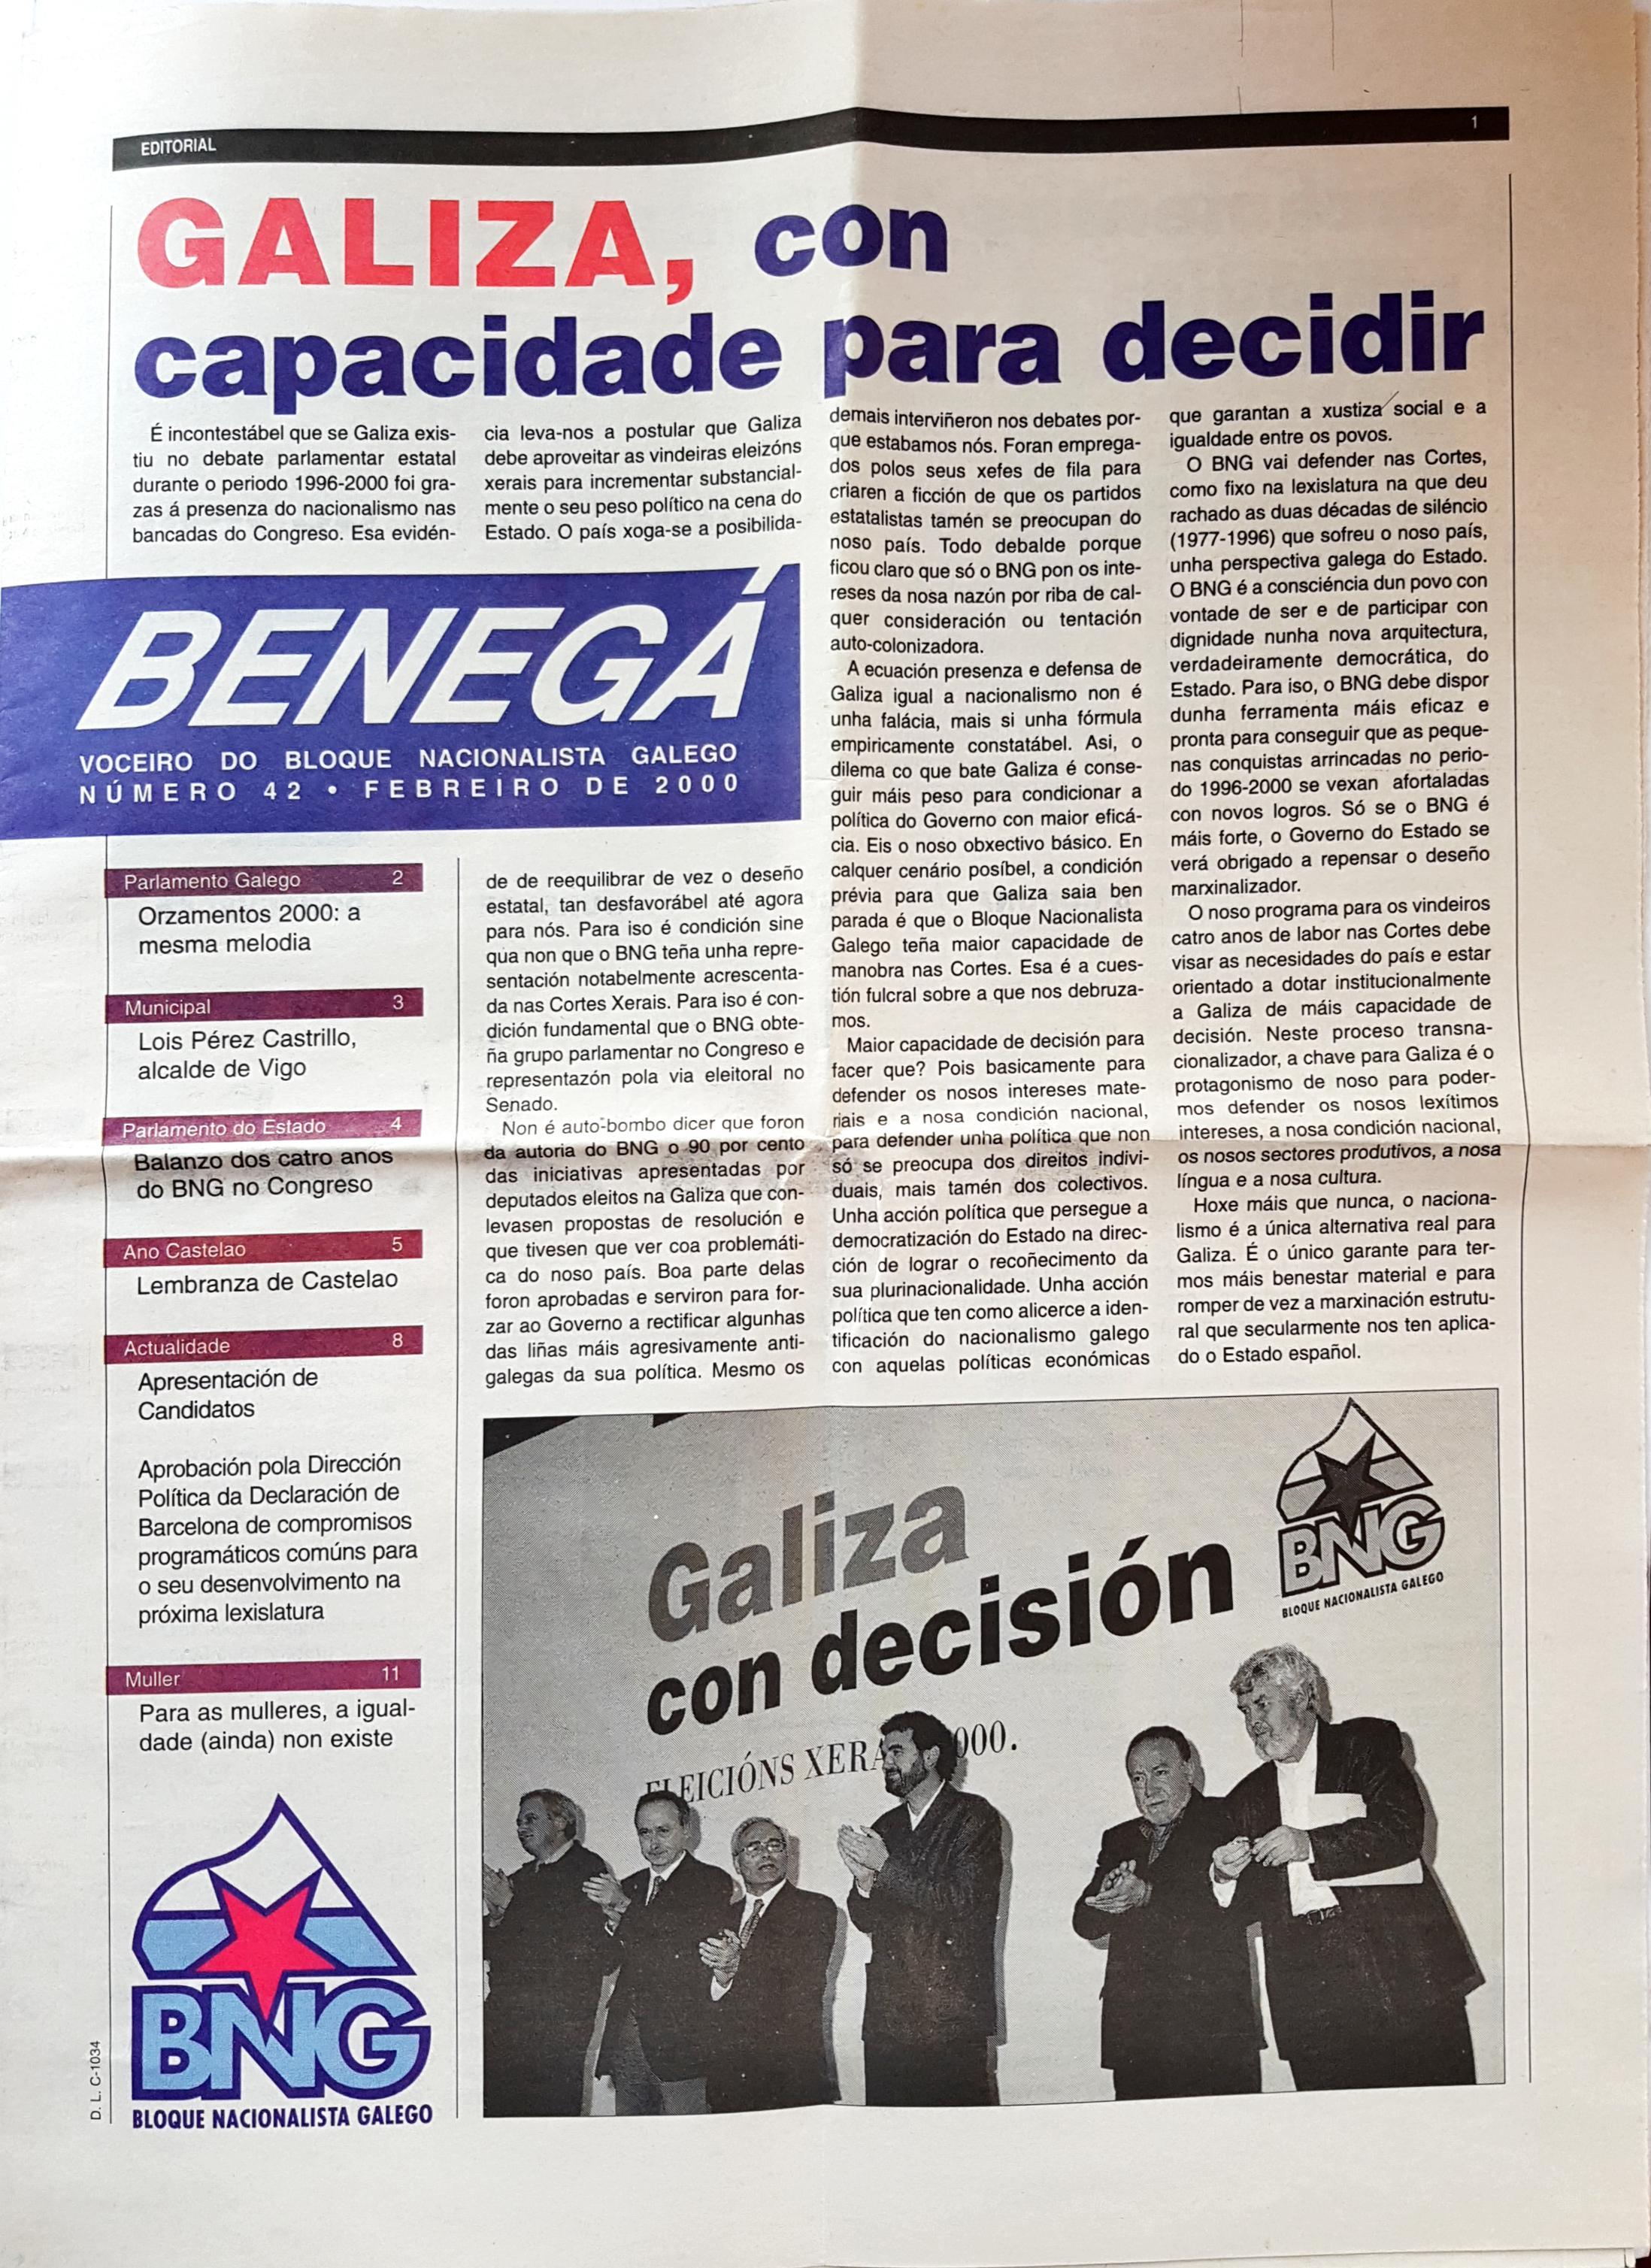 Benega_42